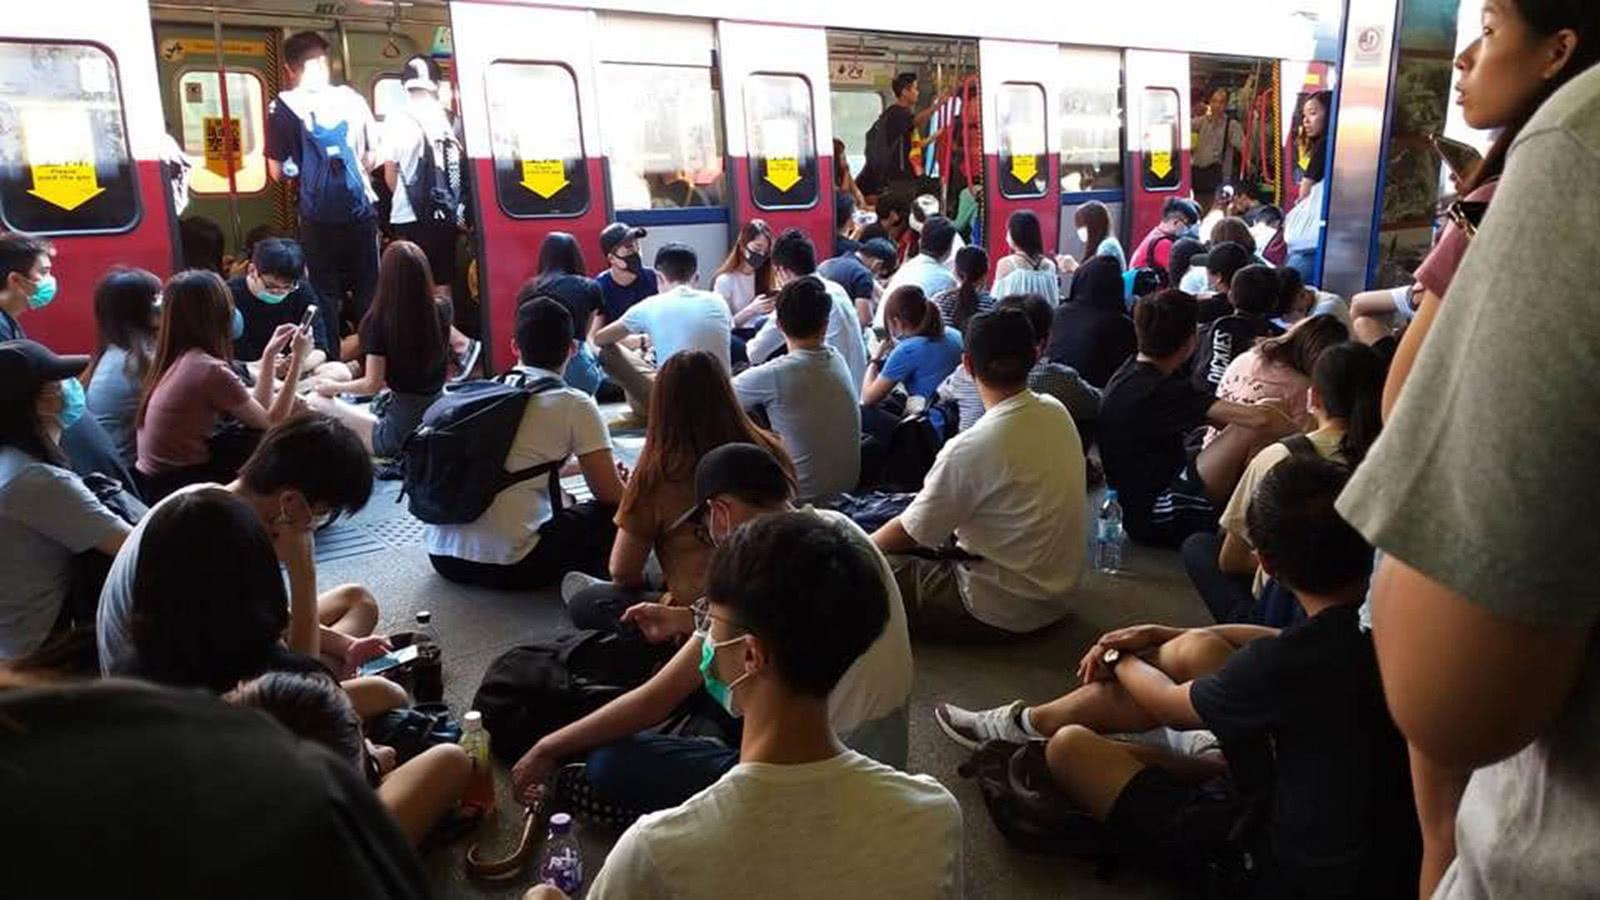 <b>暴动升级,香港大多数不该再沉默</b>